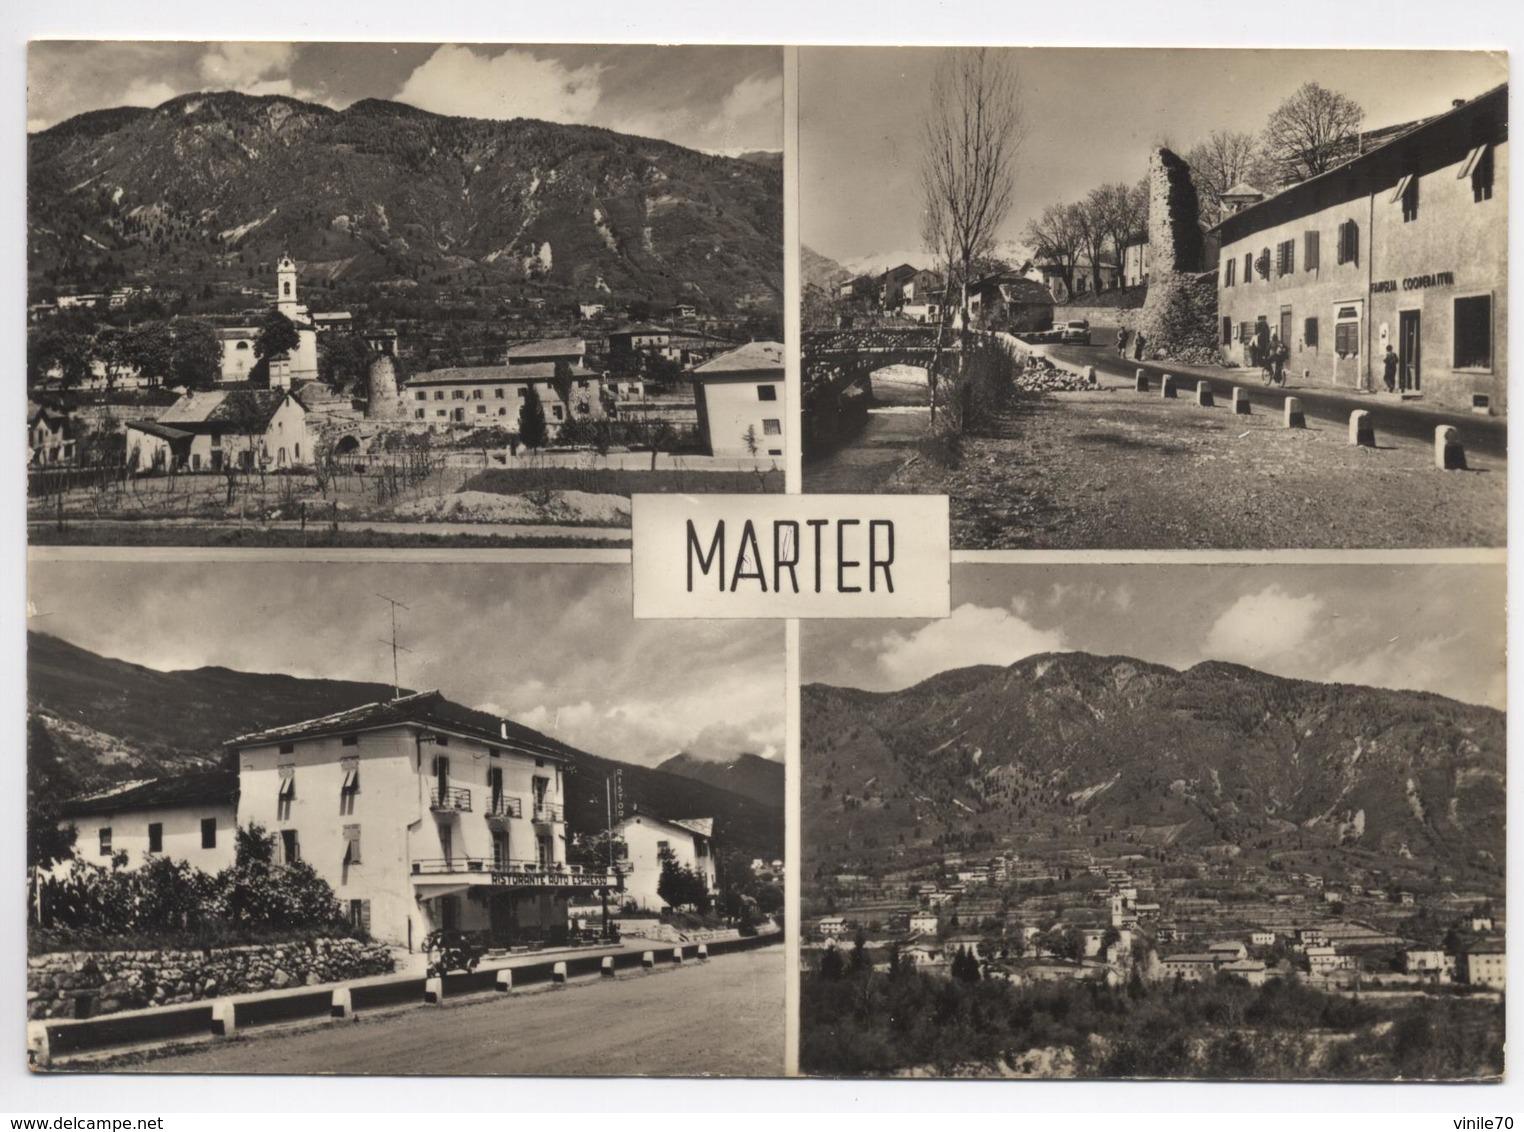 MARTER  TRENTO   Cartolina Viaggiata 1978 - Trento